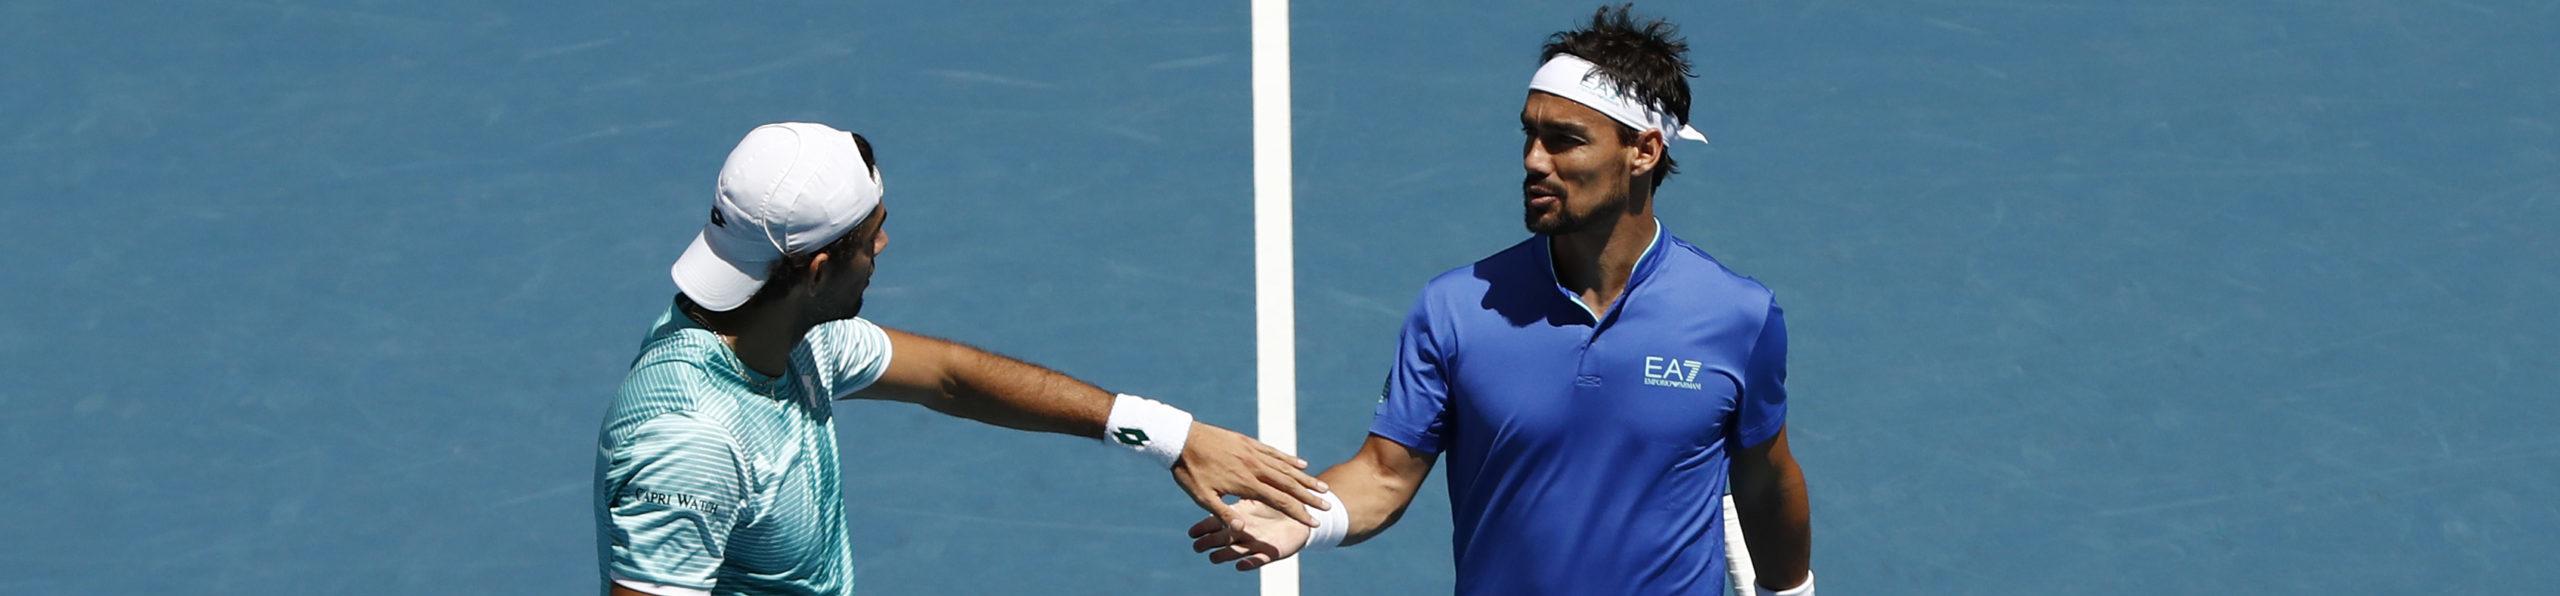 ATP Cup, quote finale Italia-Russia: sarà Fognini-Rublev e Berrettini-Medvedev